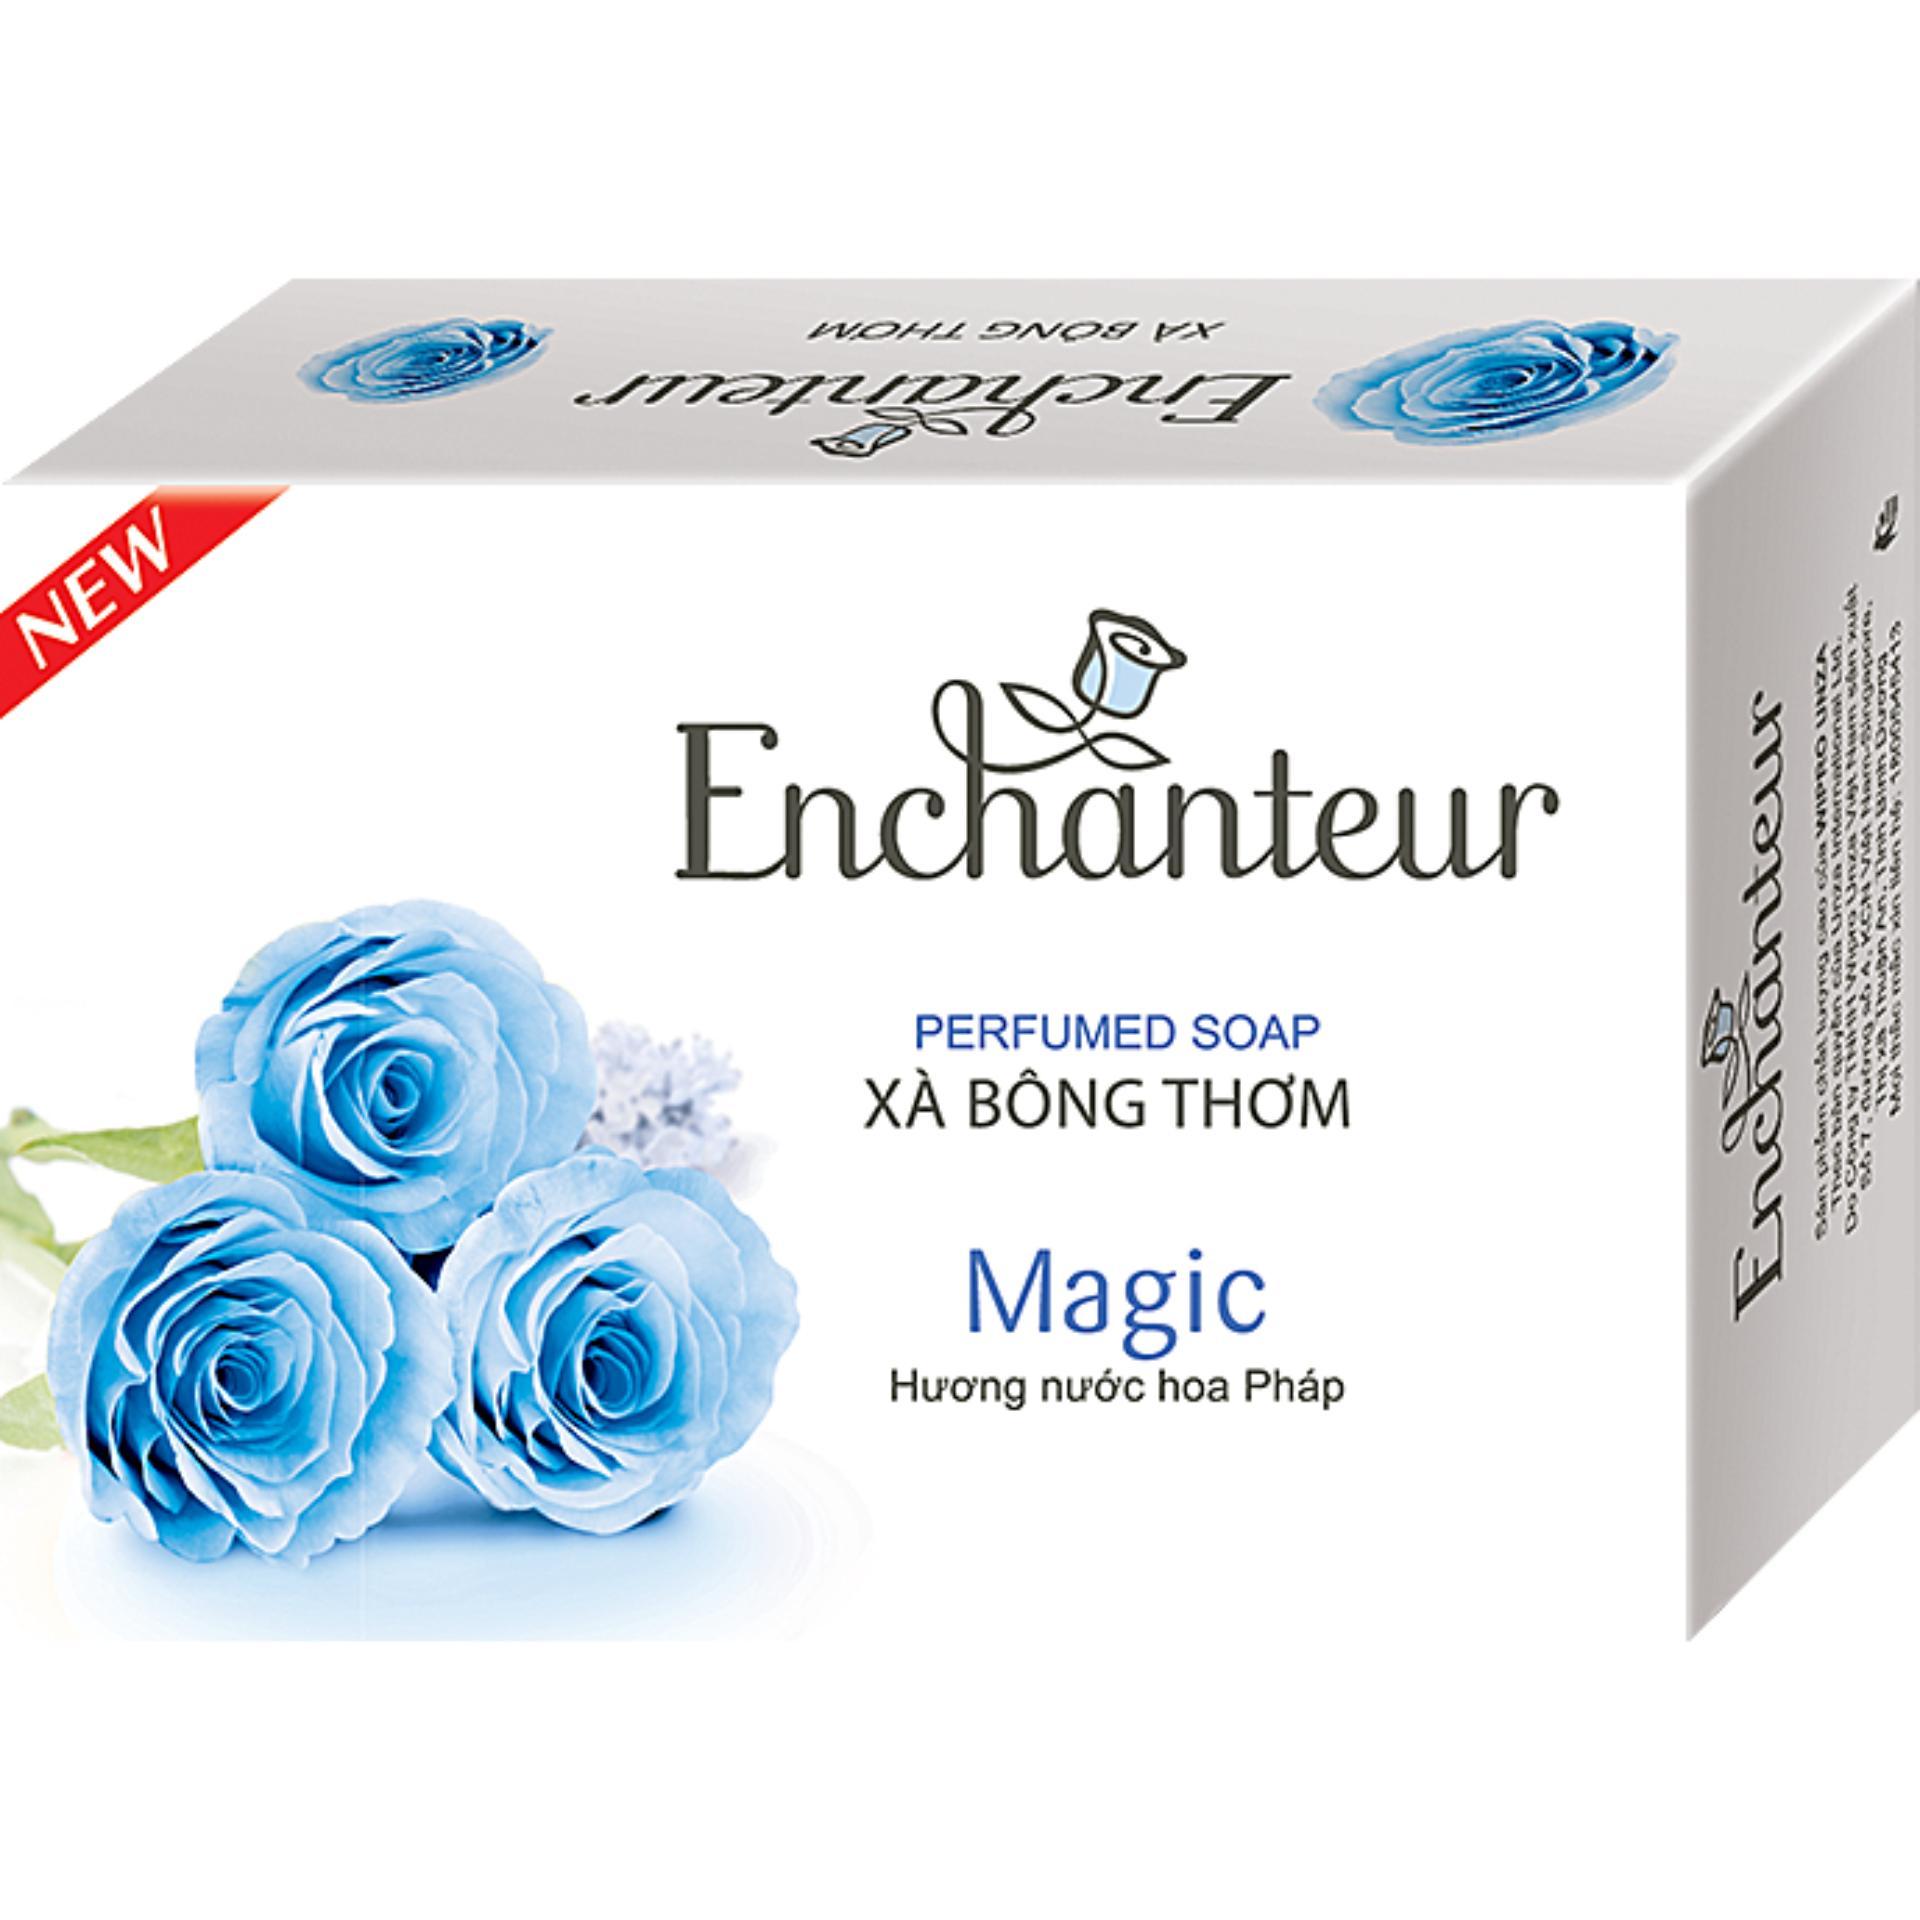 Enchanteur – Xà bông thơm Magic 90g